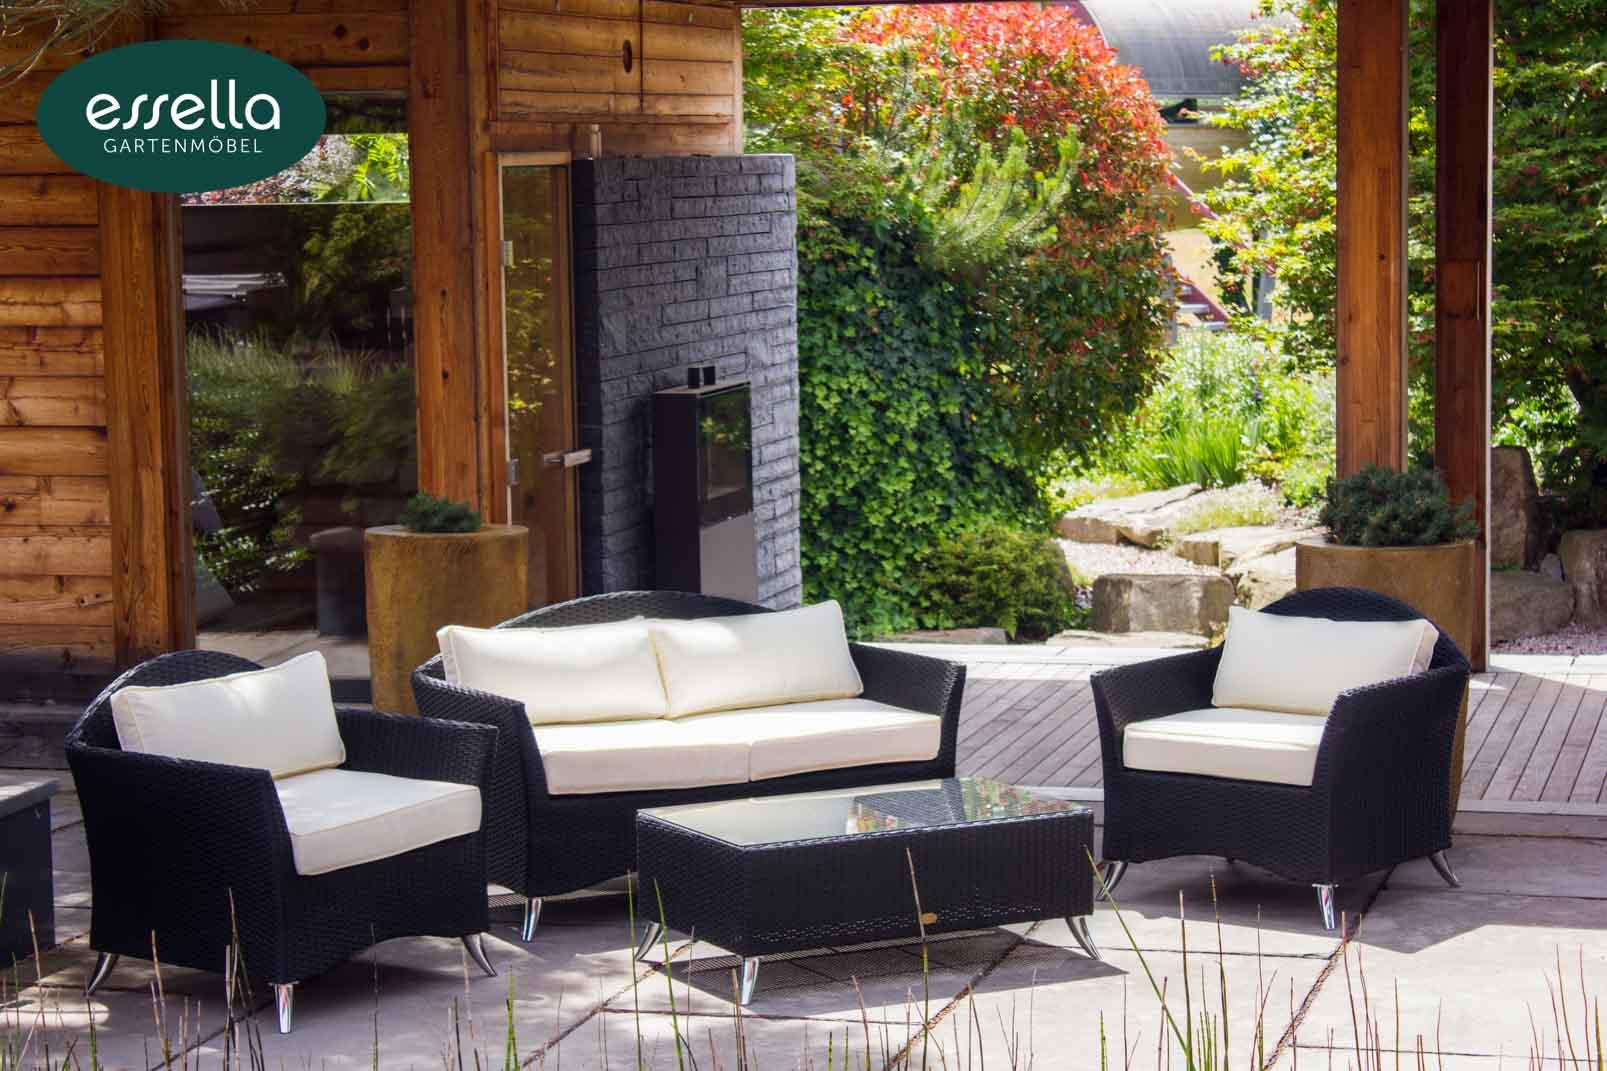 vorschau essella polyrattan lounge chicago schwarz flachgeflecht. Black Bedroom Furniture Sets. Home Design Ideas